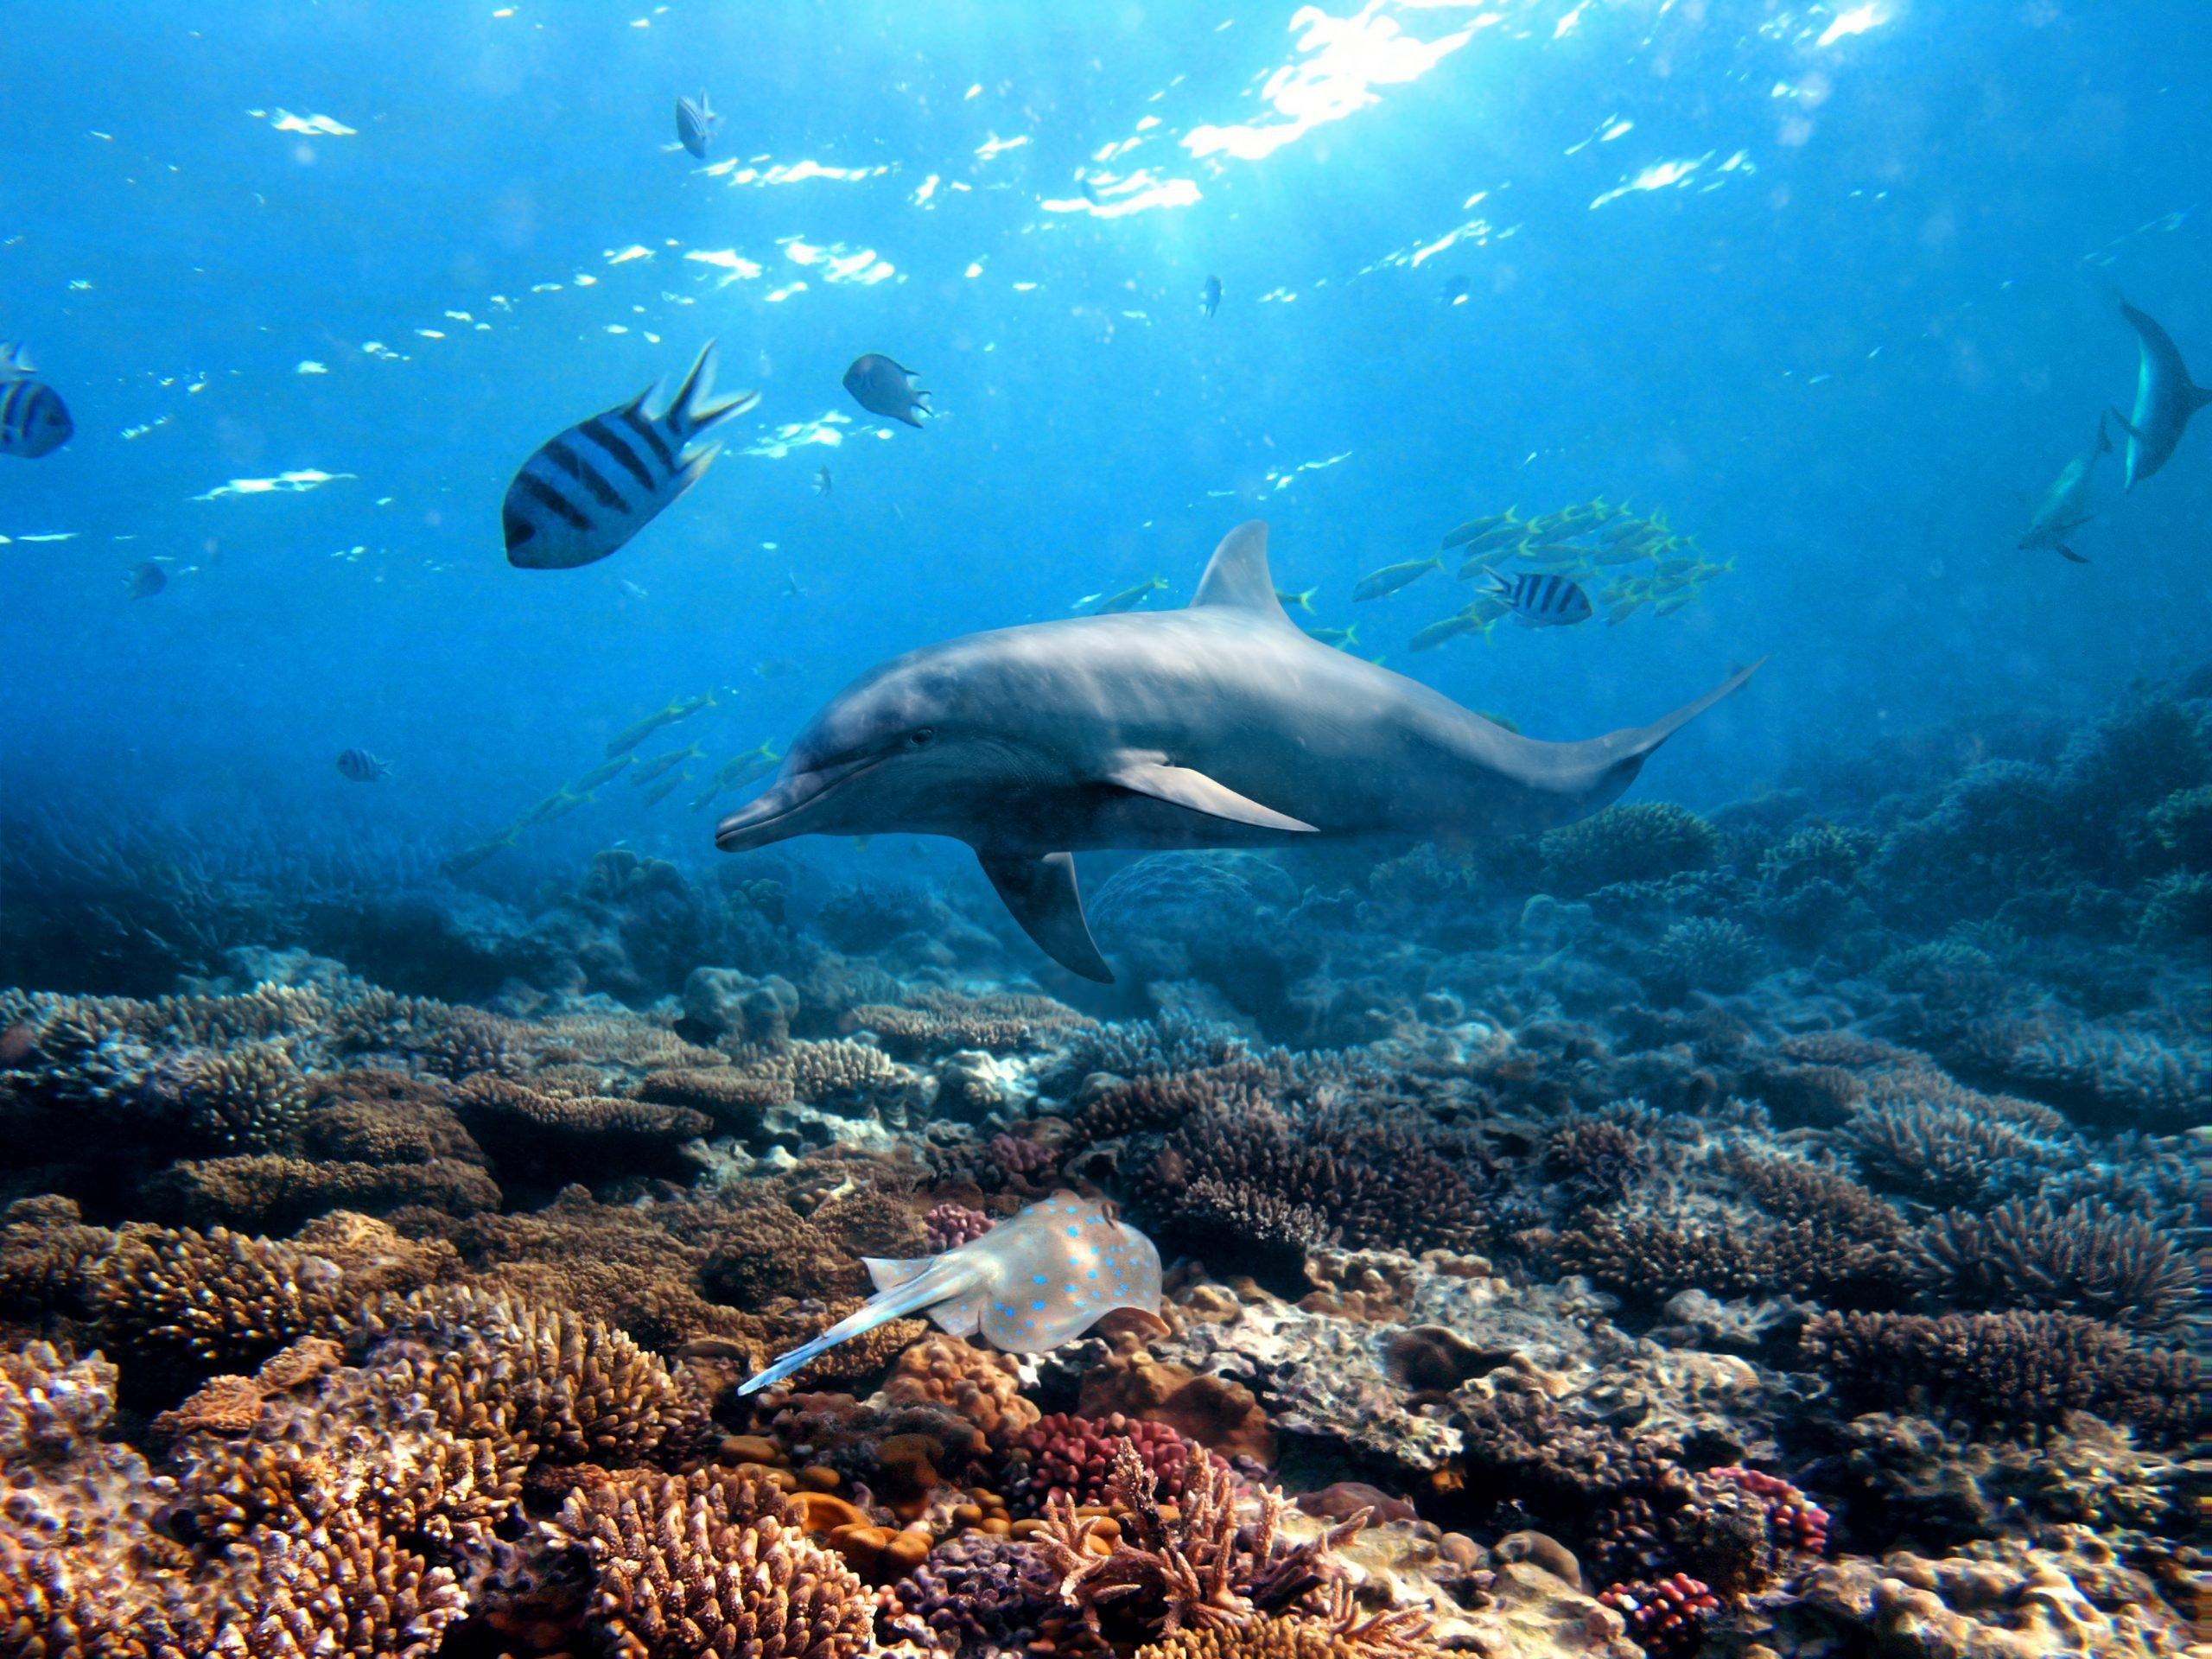 habitat of the bottlenose dolphin